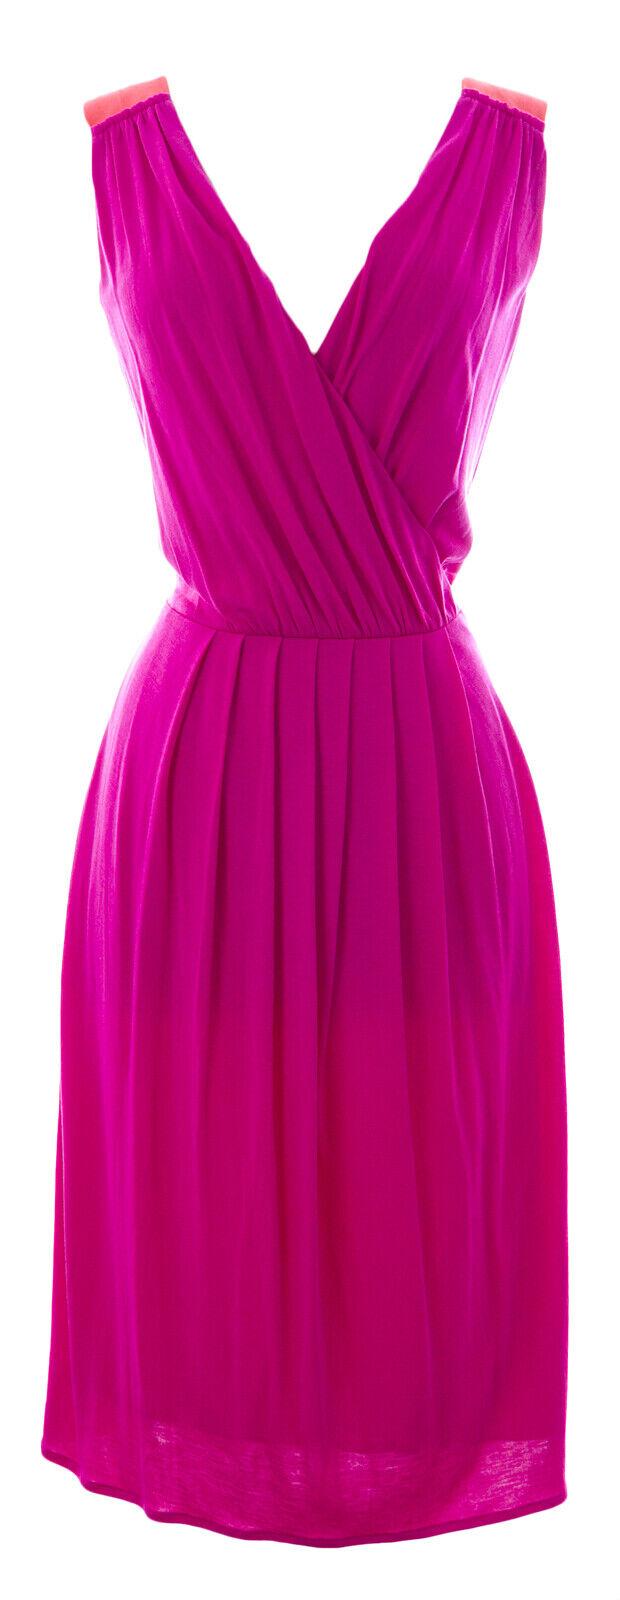 BODEN Woherren Magenta Sleeveless Sheath Dress WH651 US Sz 10R  NWOT